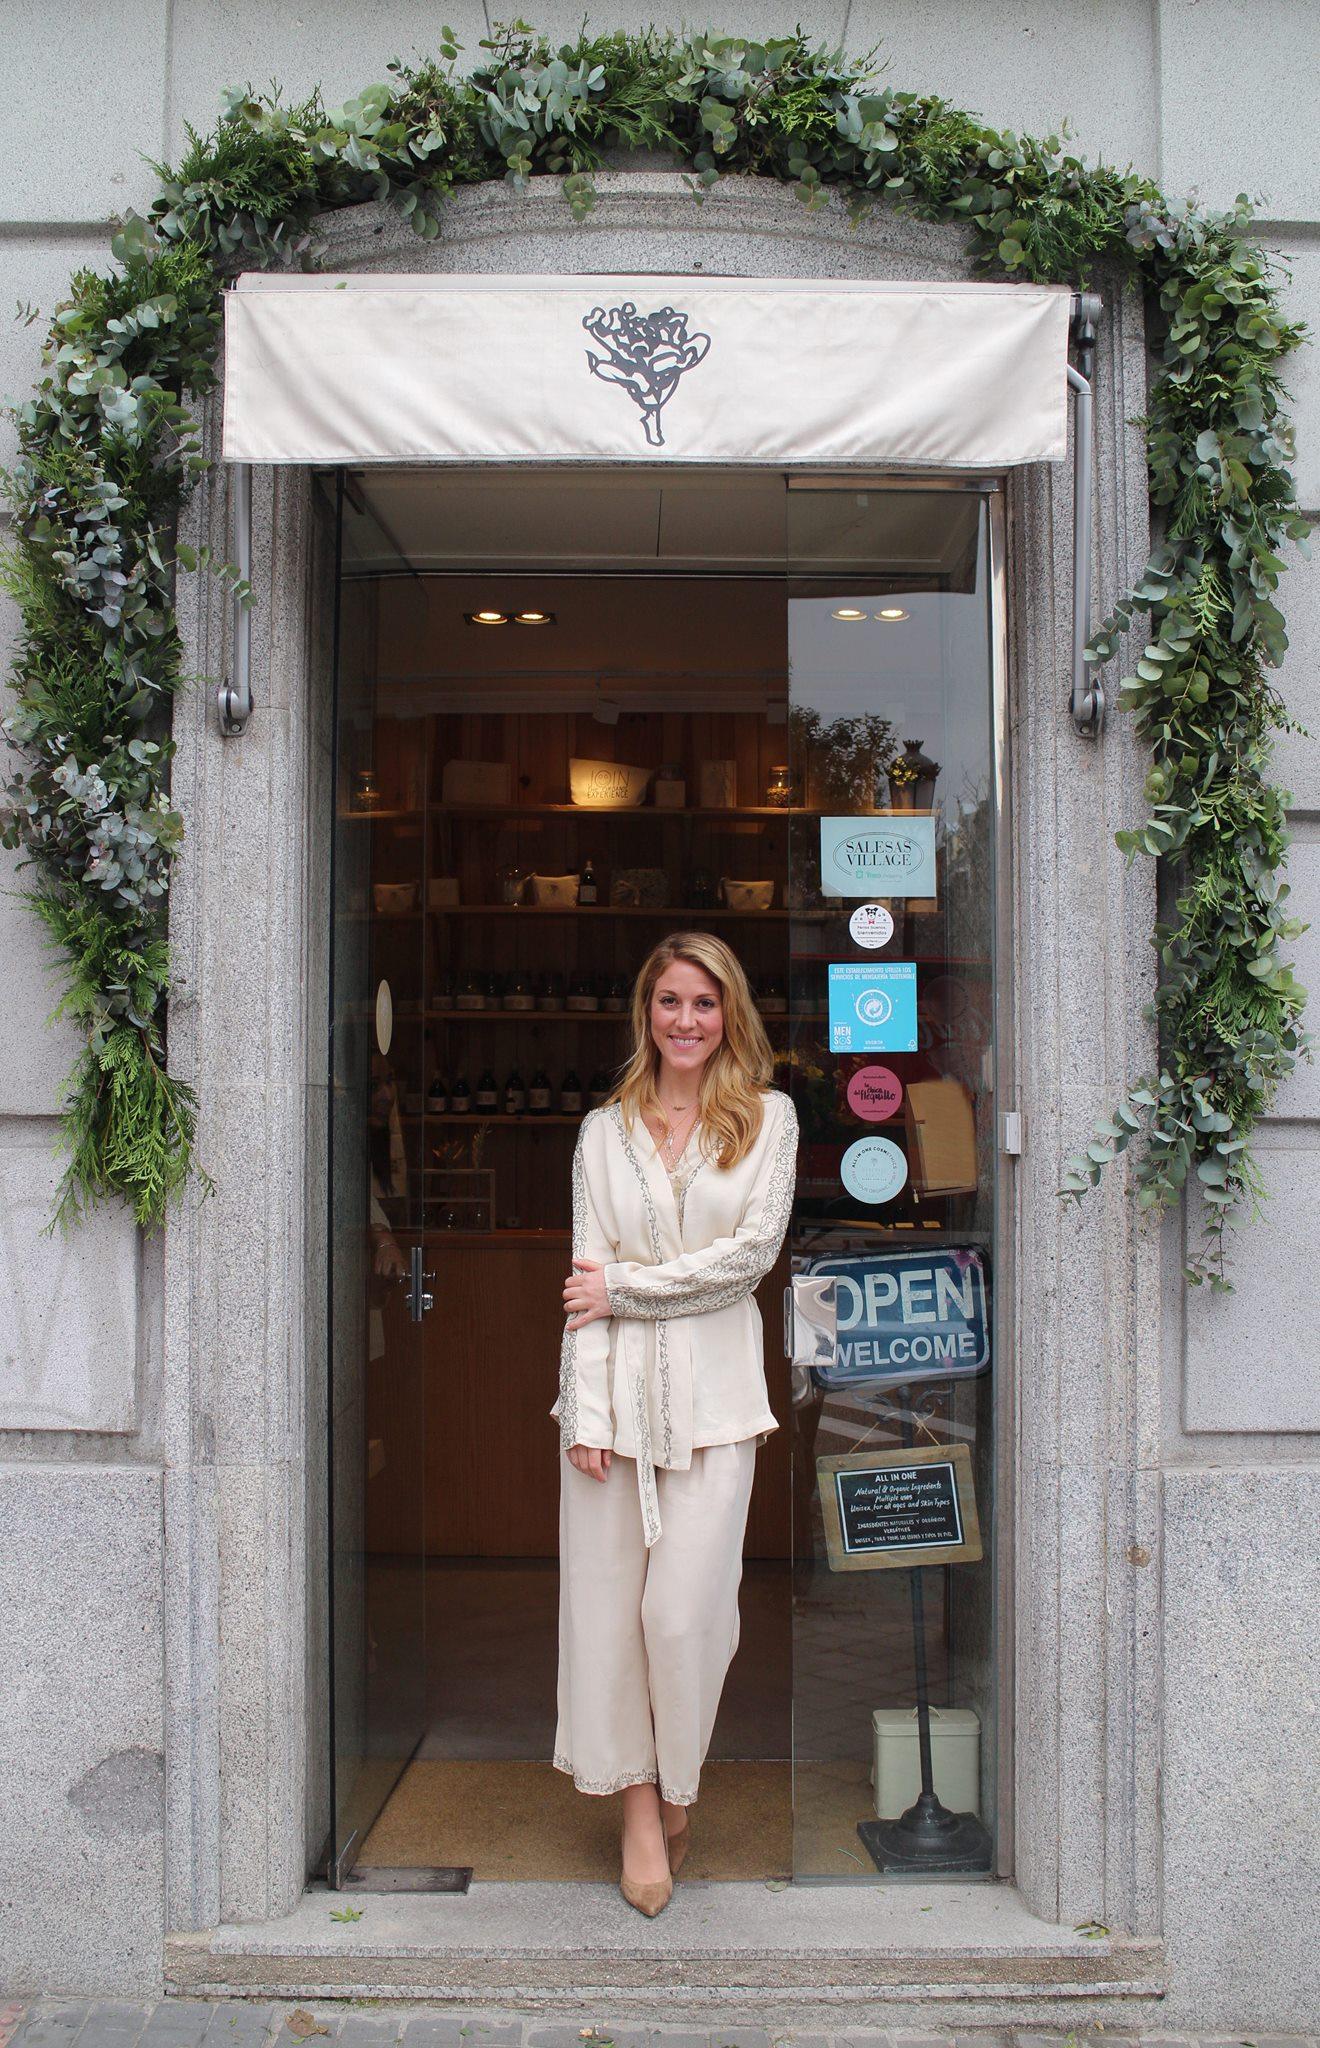 - Diana Burillo es la mente creadora que decidió montar este spa natural y lugar para el descanso. Dos locales muy bien ubicados, en pleno centro de Madrid, que ya se han convertido en un referente de belleza slow.